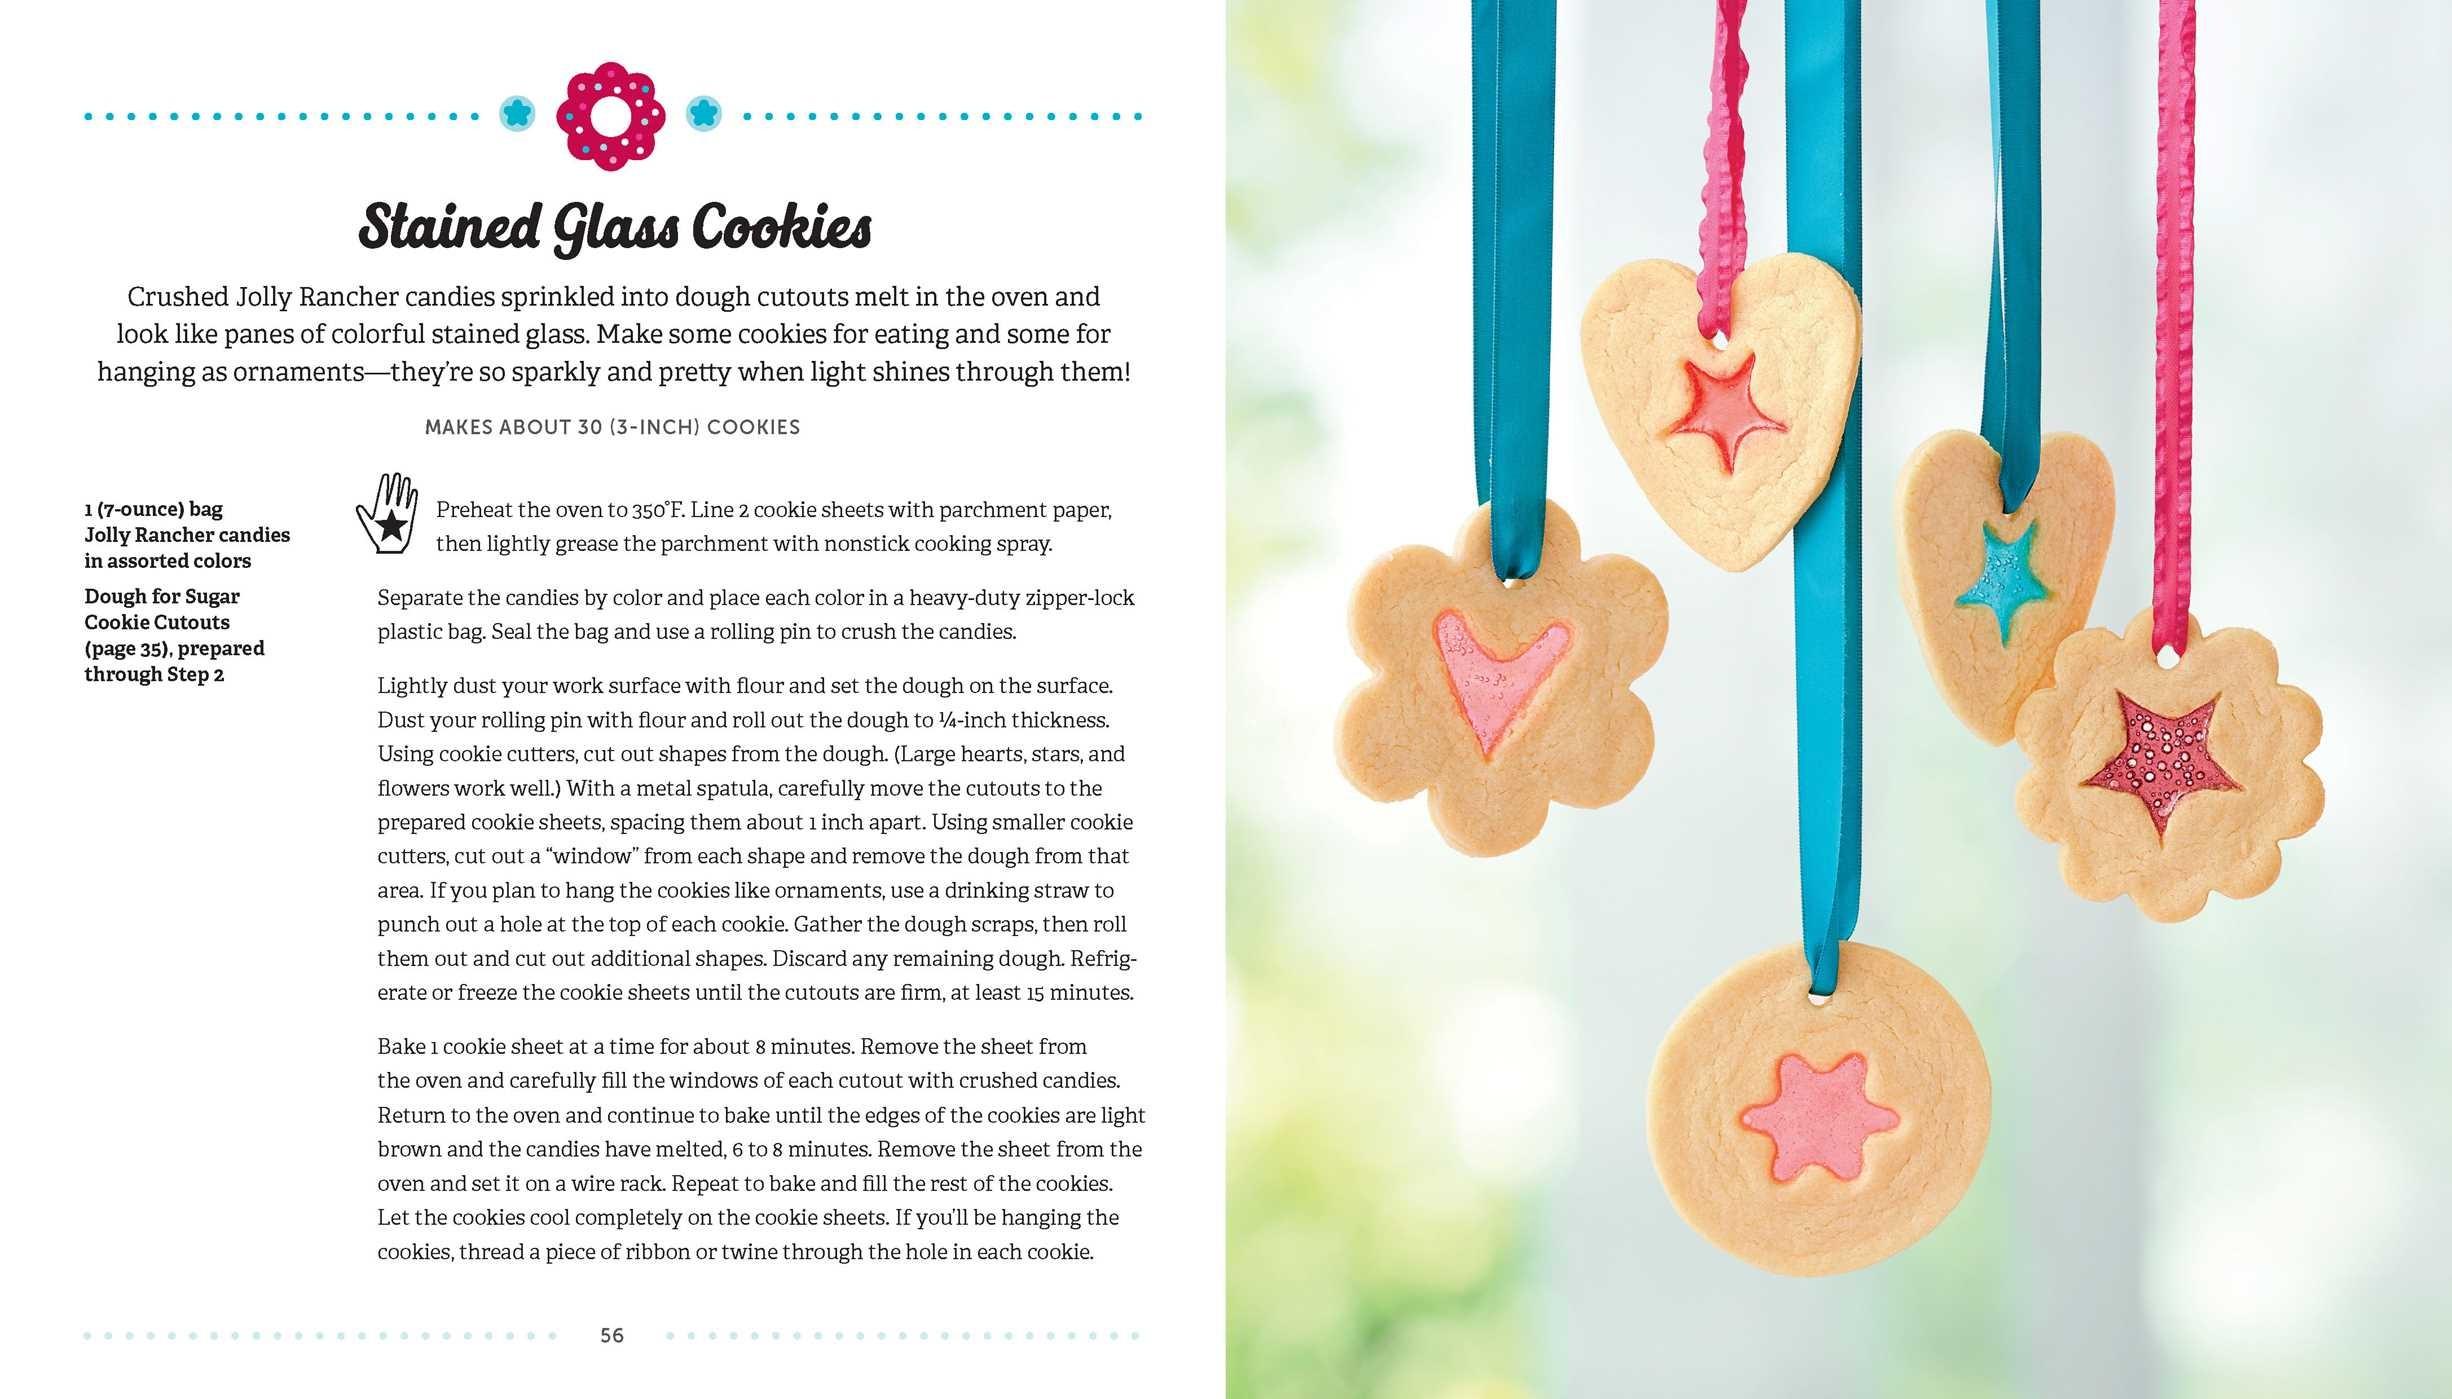 American girl cookies 9781681884424.in06